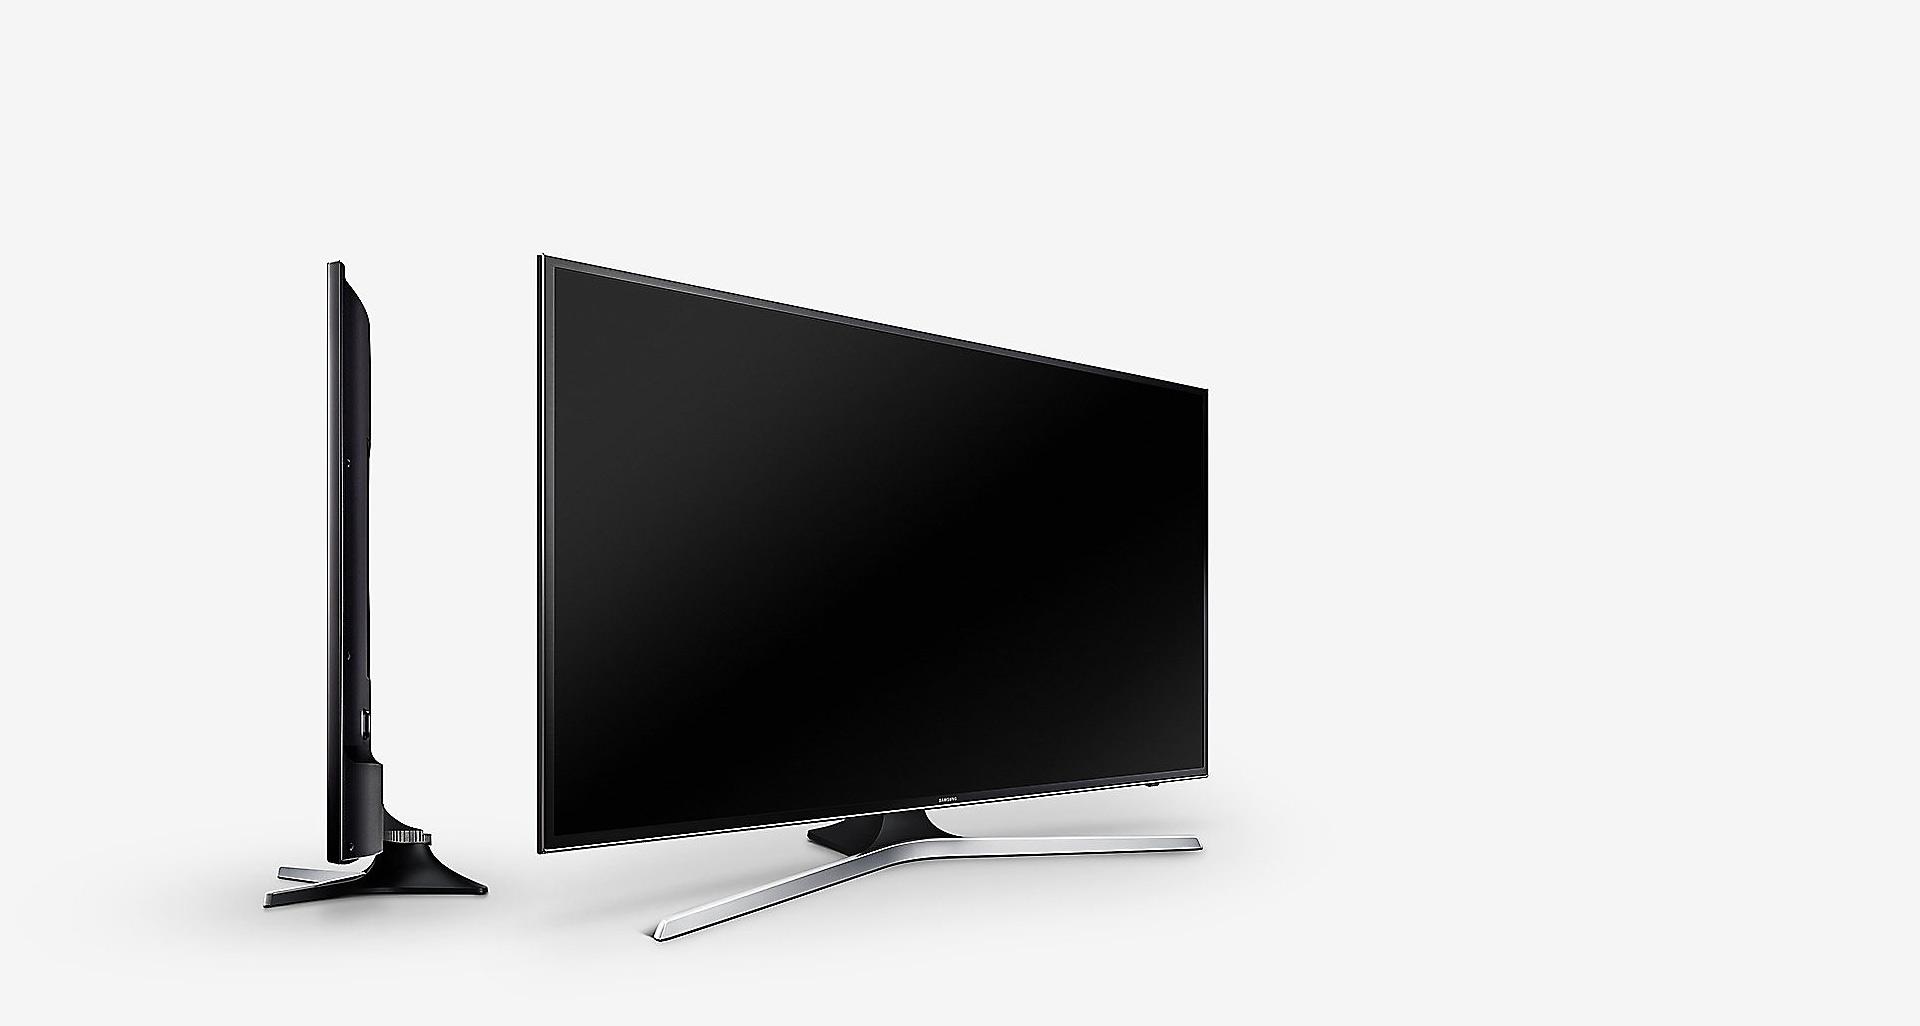 قیمت تلویزیون سامسونگ